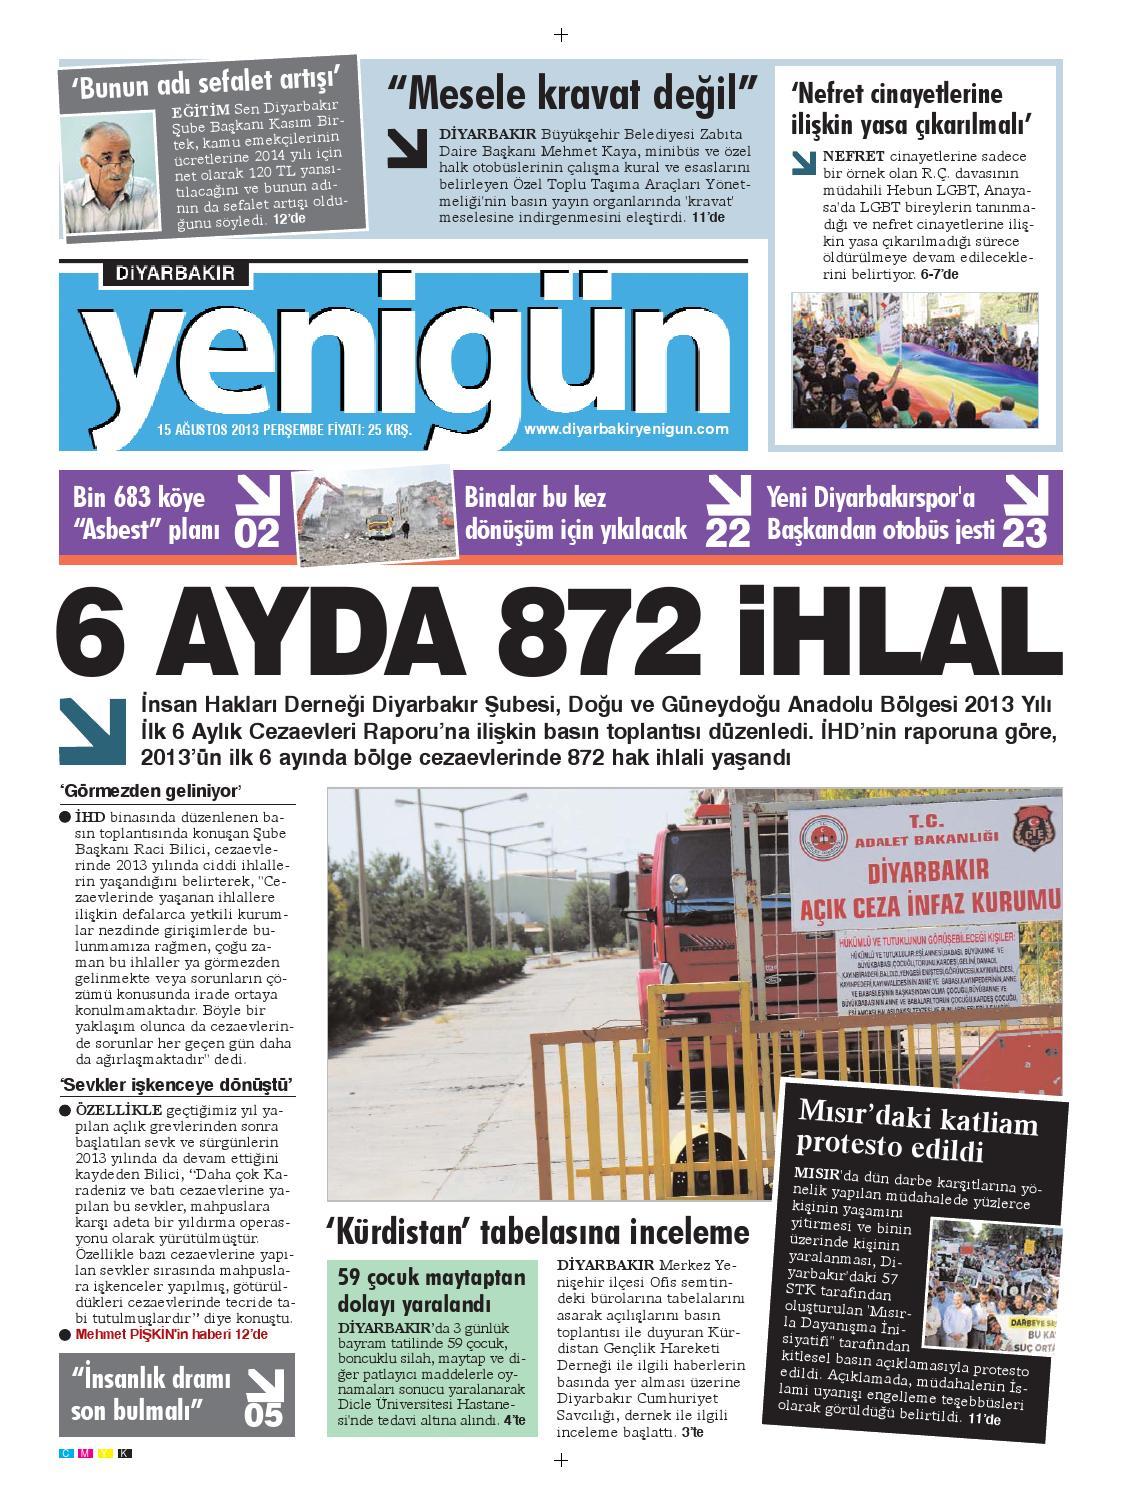 Gazete 24 Sayfa By Osman Ergun Issuu